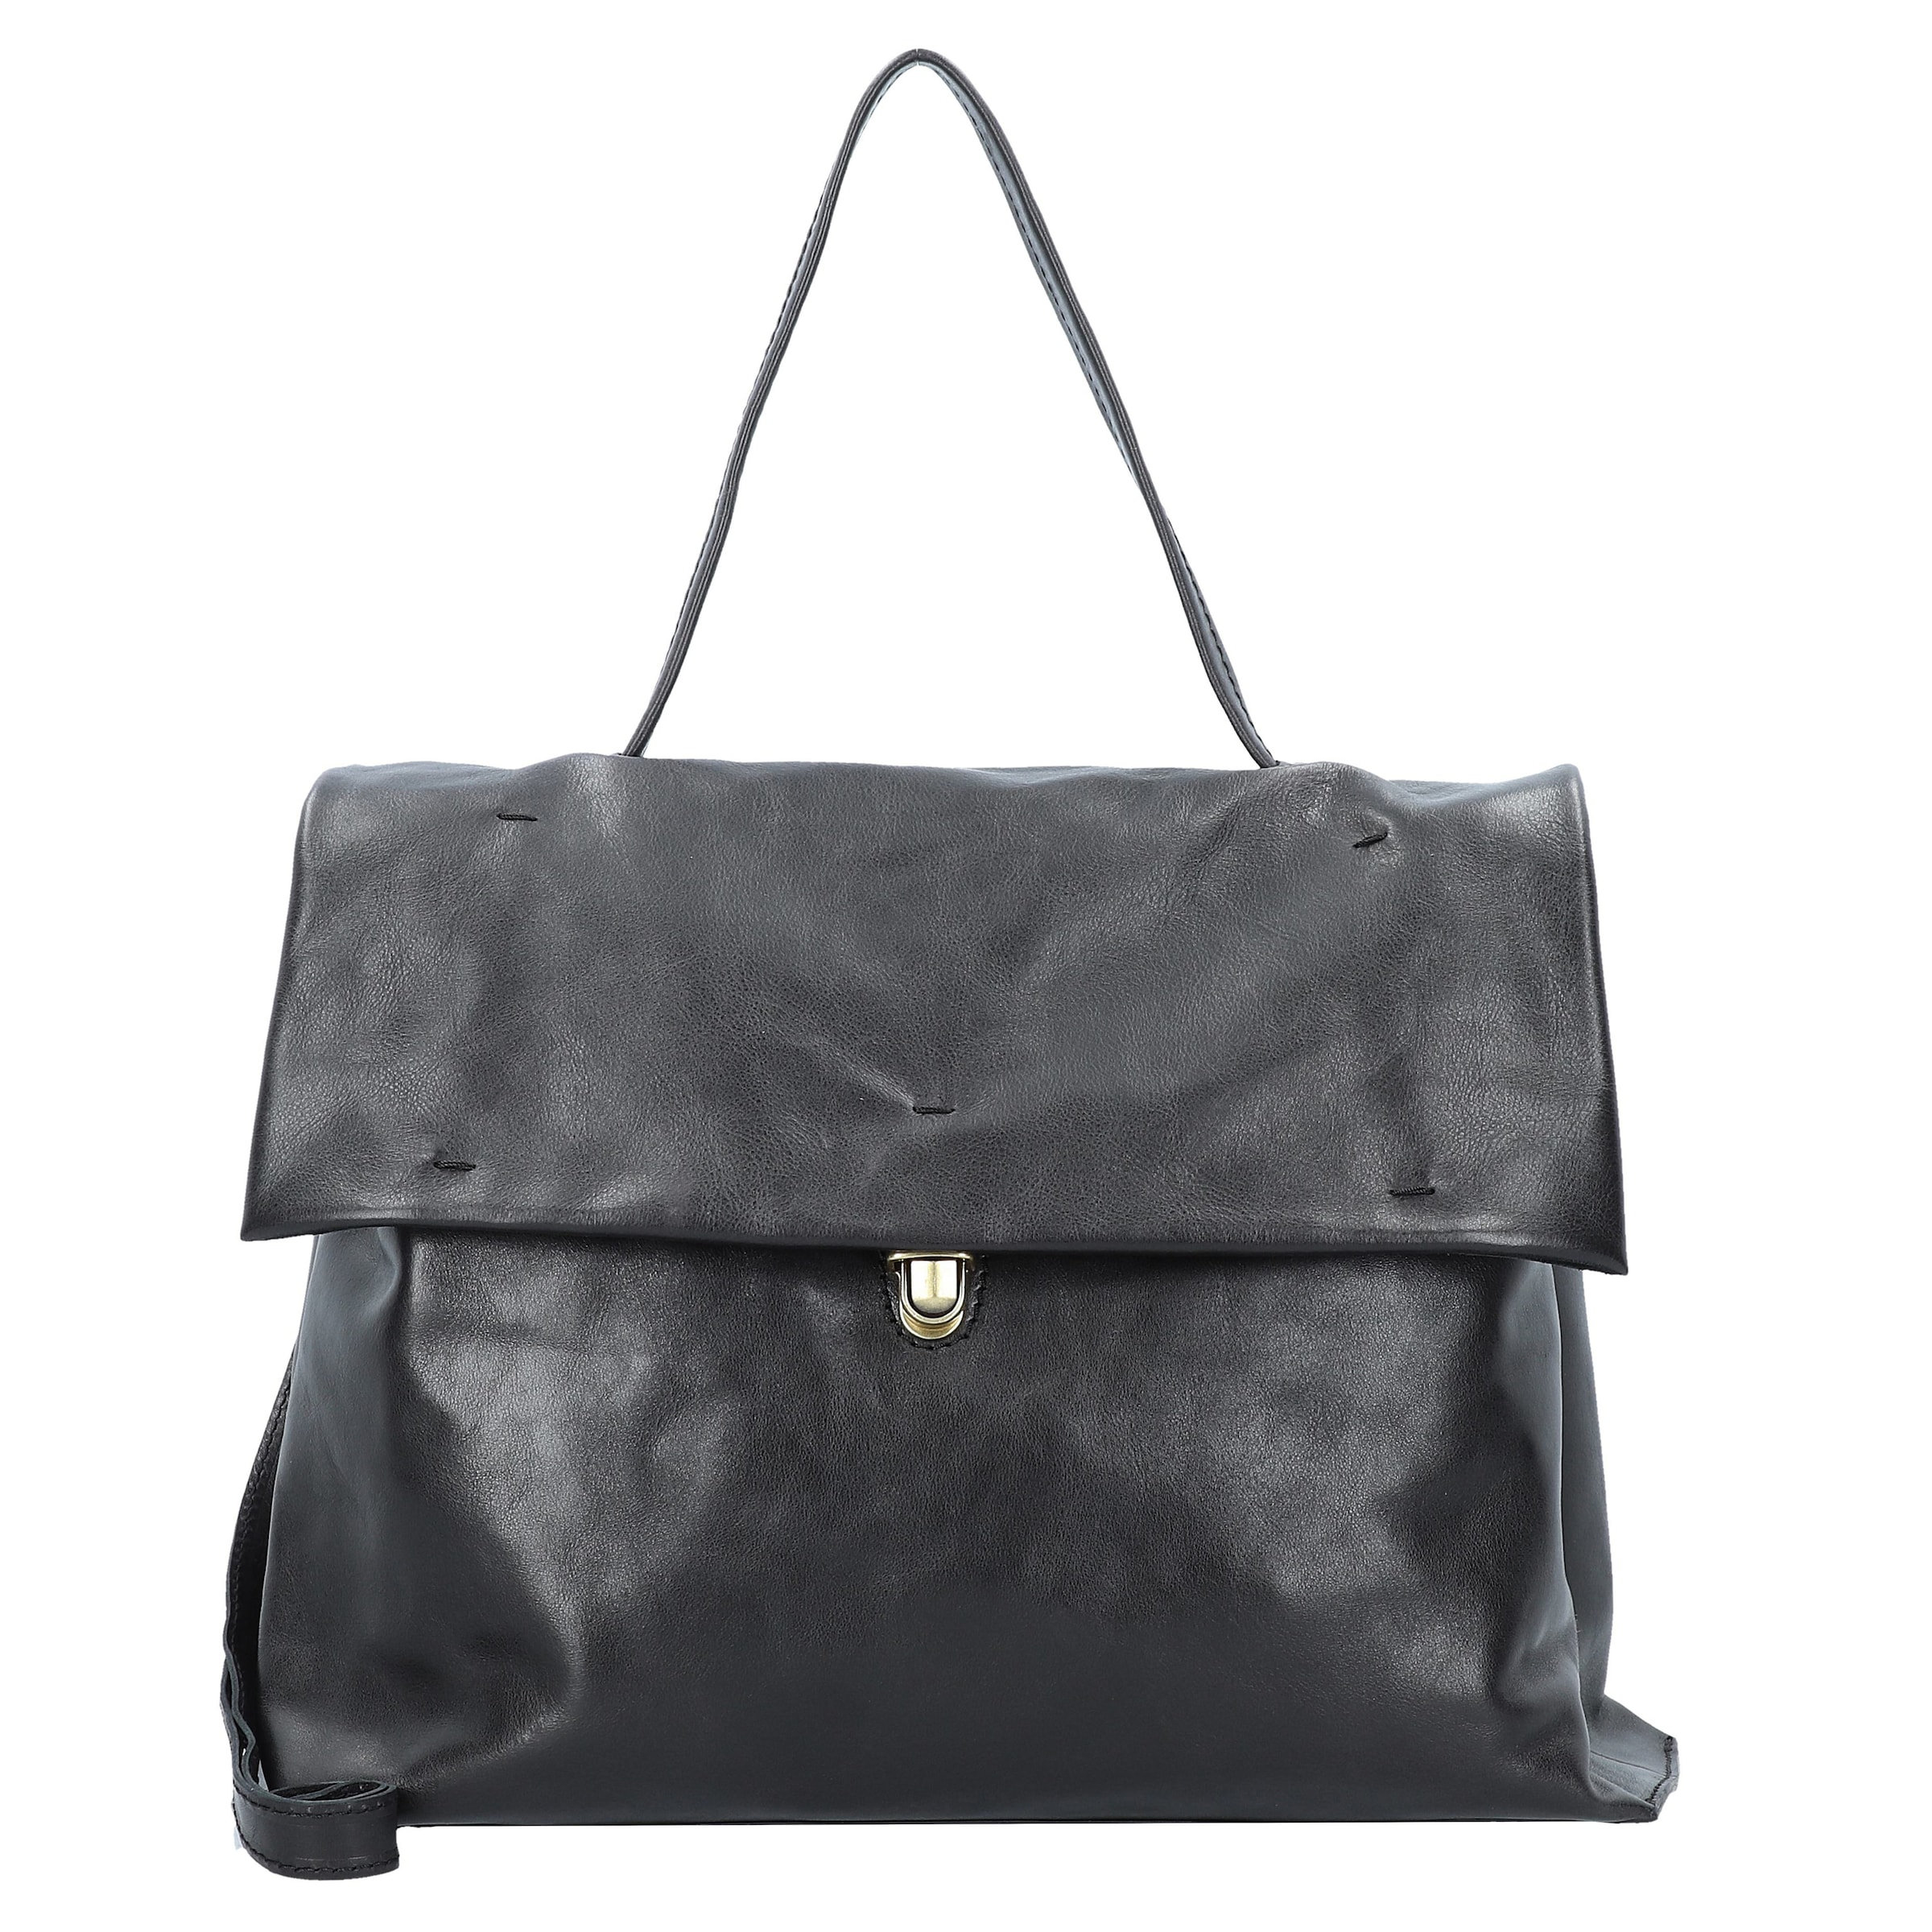 Handtasche Handtasche Handtasche Campomaggi In Campomaggi In In Campomaggi Schwarz Schwarz Campomaggi Schwarz srQdhCt